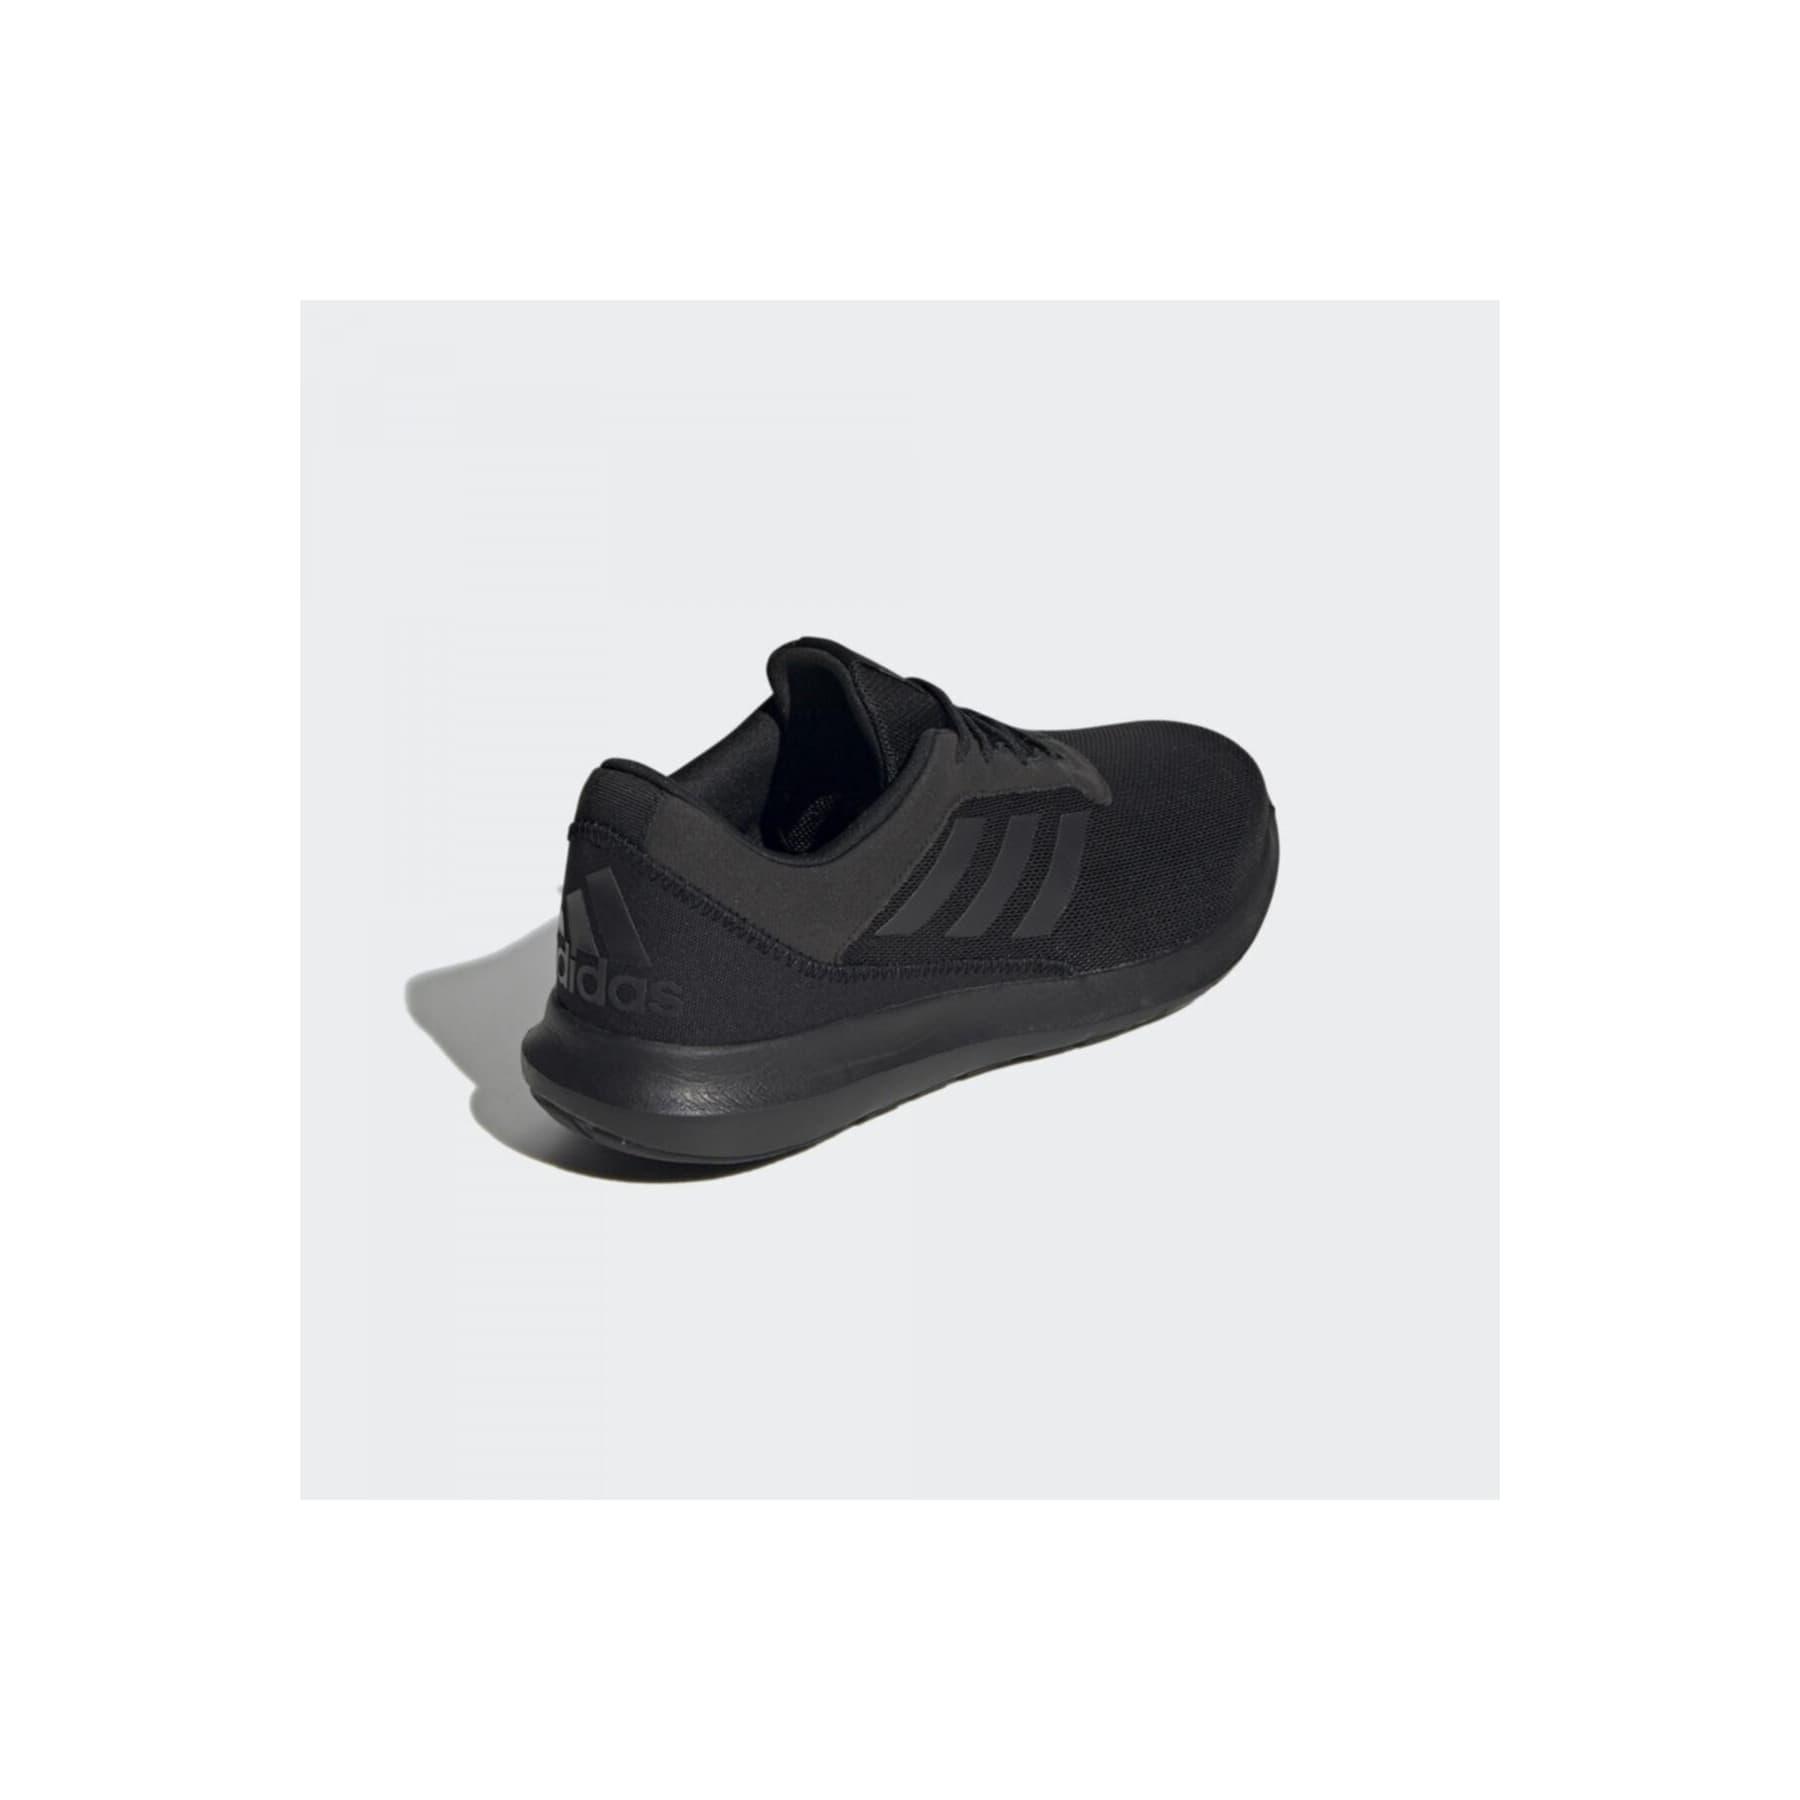 Coreracer Erkek Siyah Koşu Ayakkabısı (FX3593)